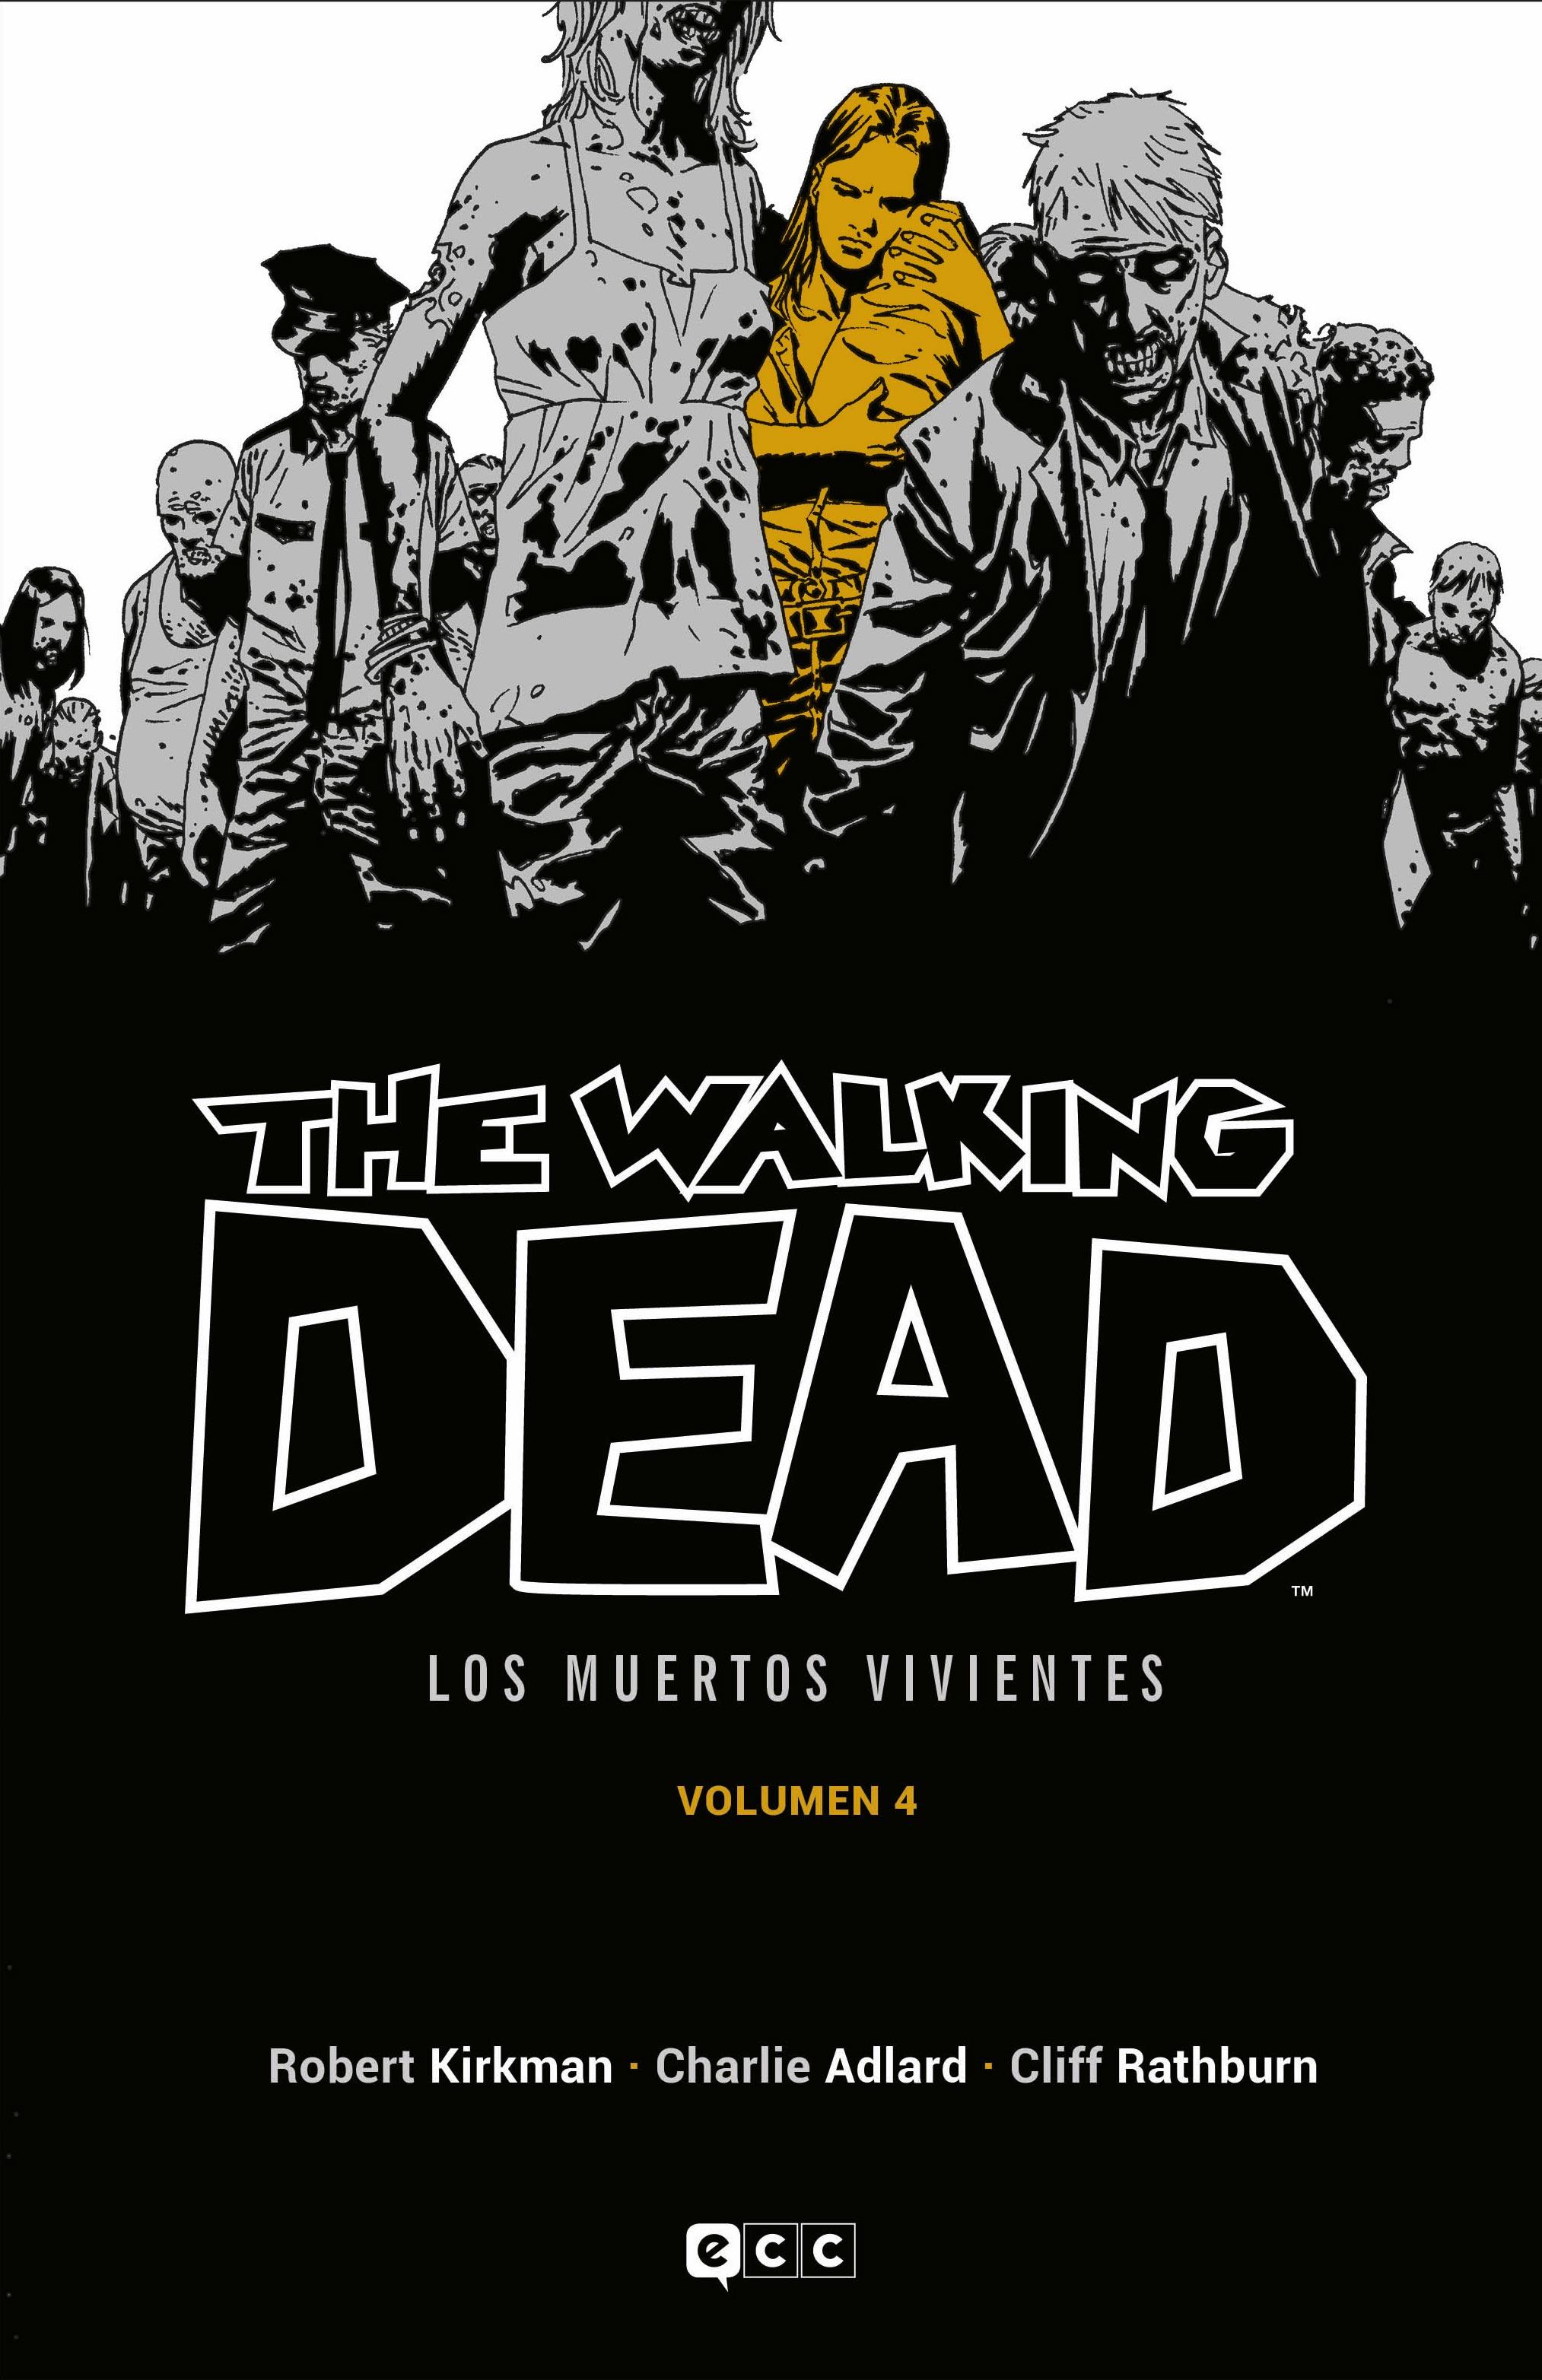 The Walking Dead (Los muertos vivientes) vol. 04 (de 16)